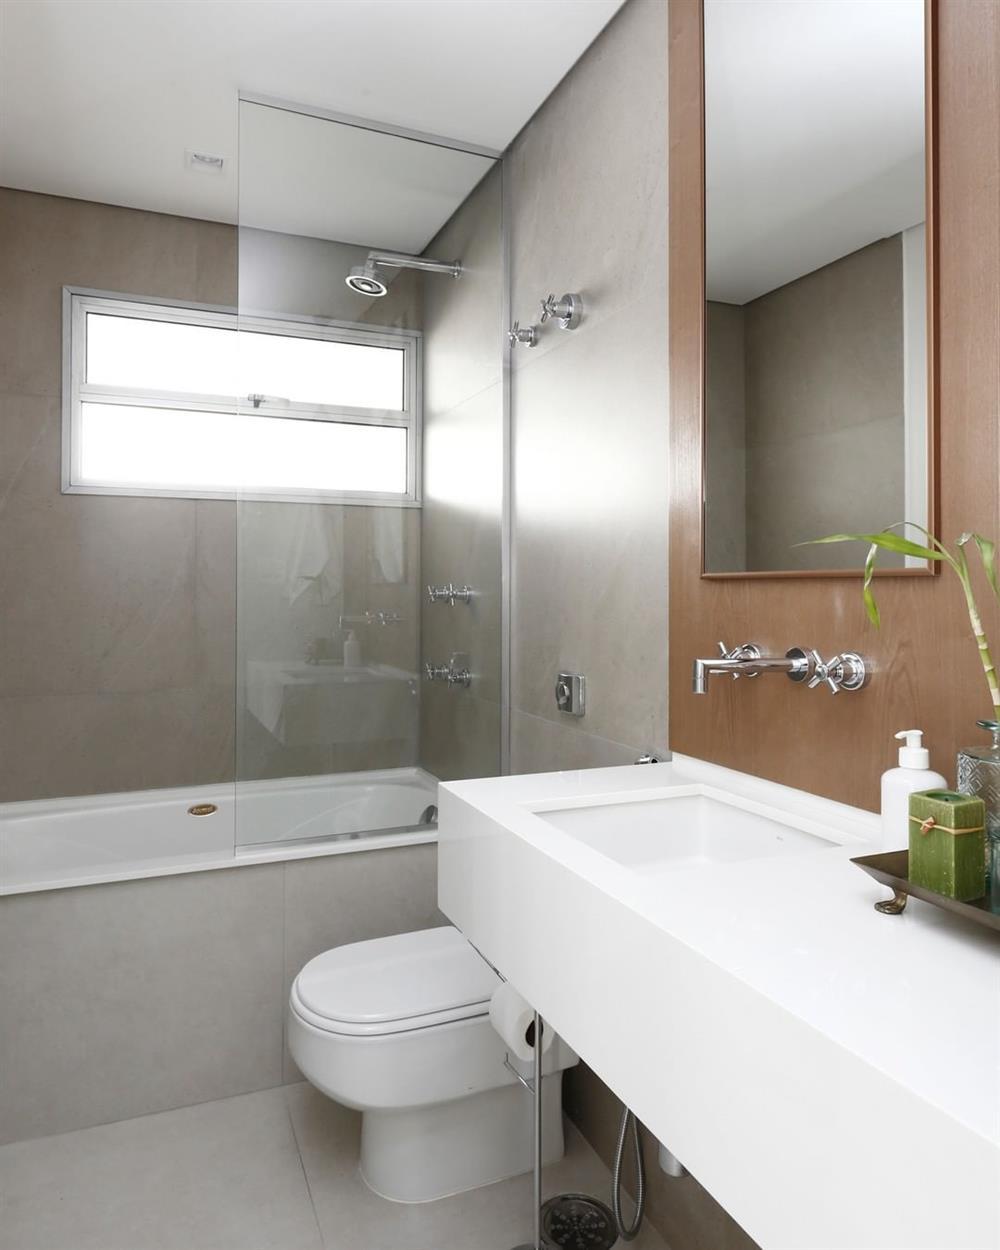 banheiro com banheira de alvenaria